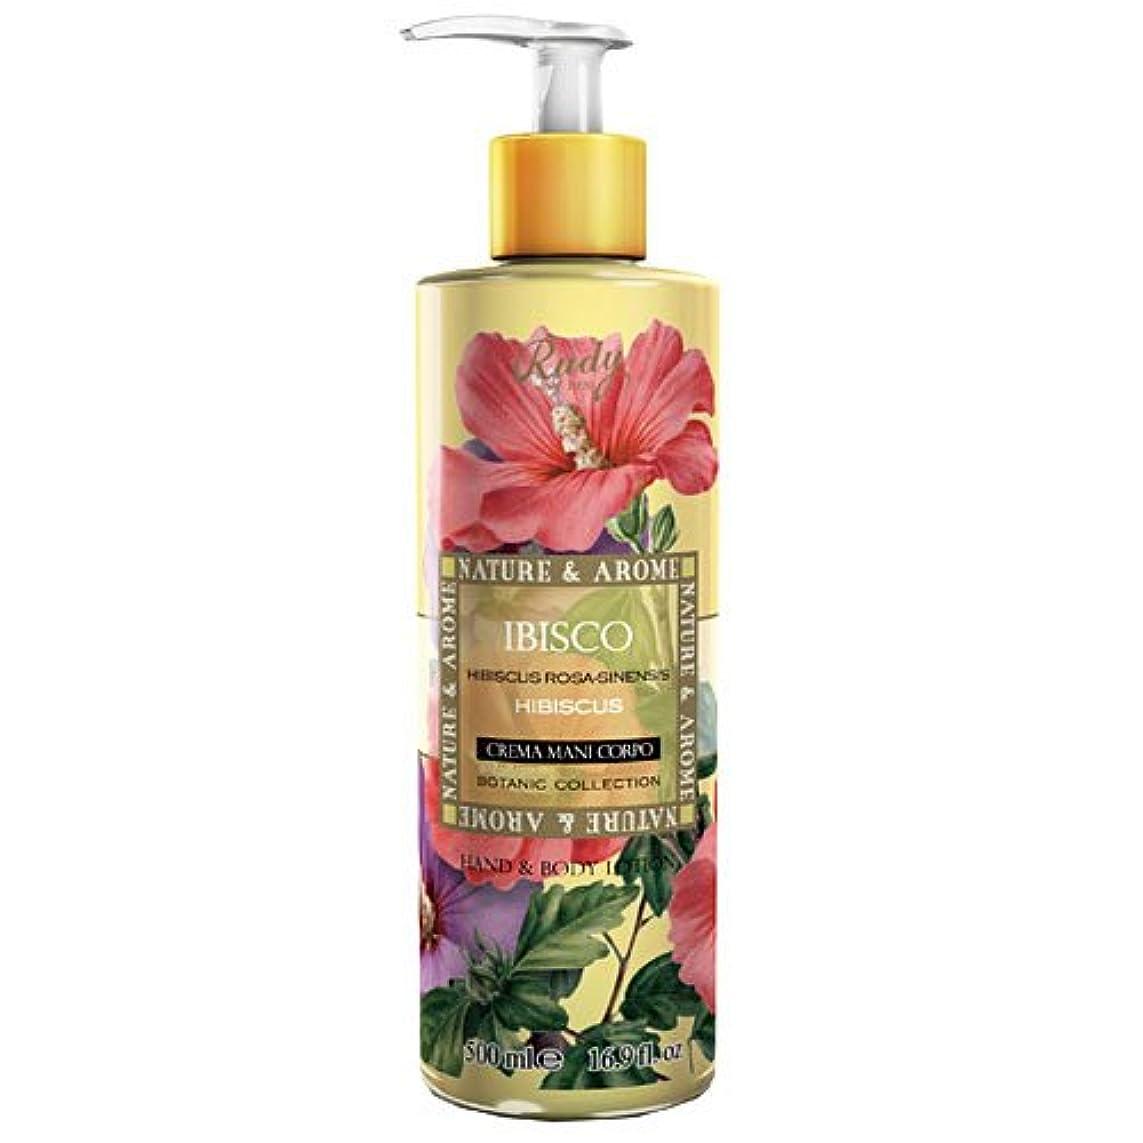 アンドリューハリディ資源裸RUDY Nature&Arome SERIES ルディ ナチュール&アロマ Hand&Body lotion ハンド&ボディローション ハイビスカス